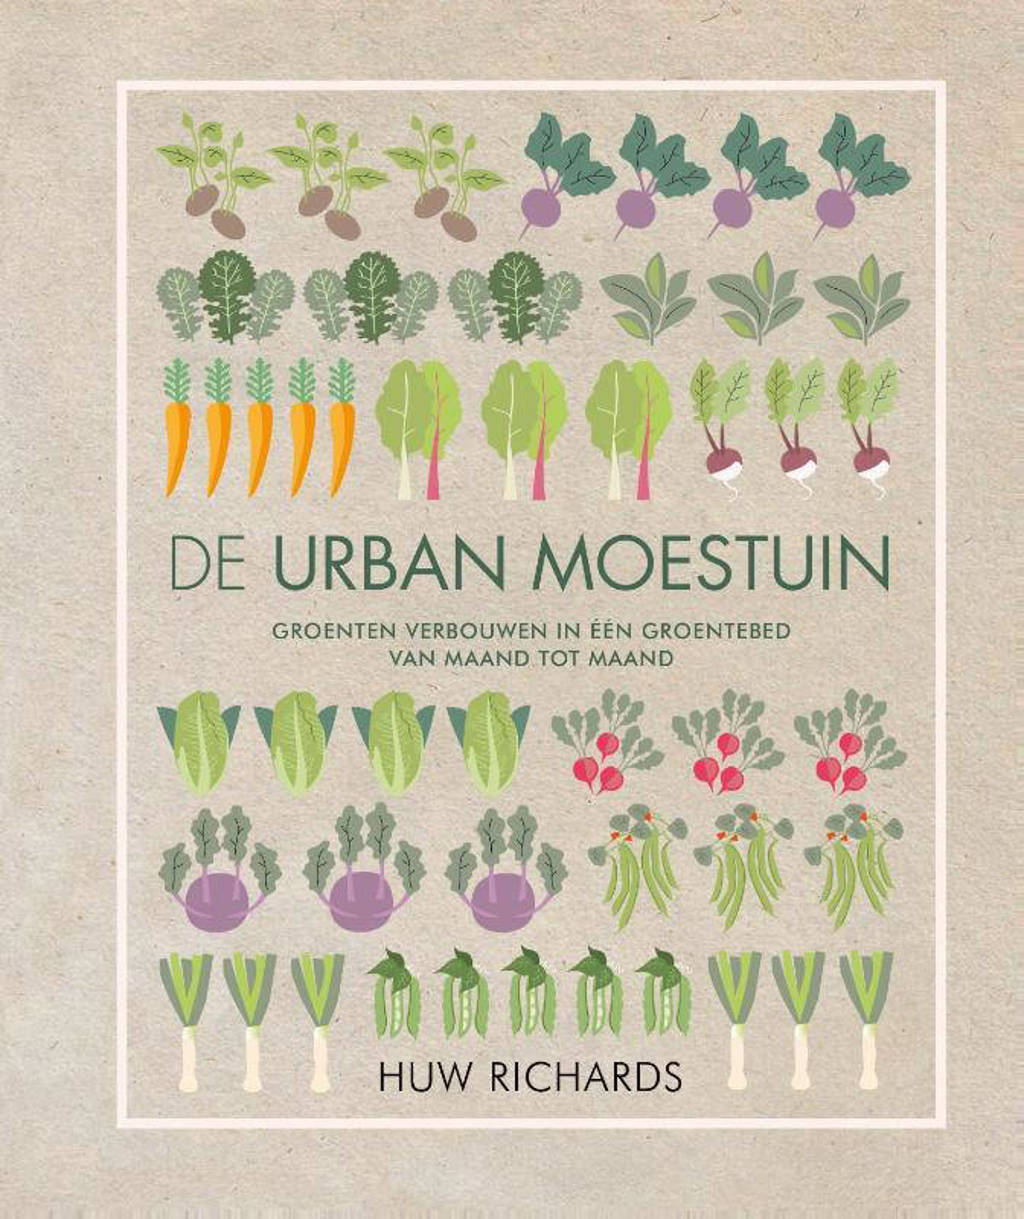 De urban moestuin - Huw Richards